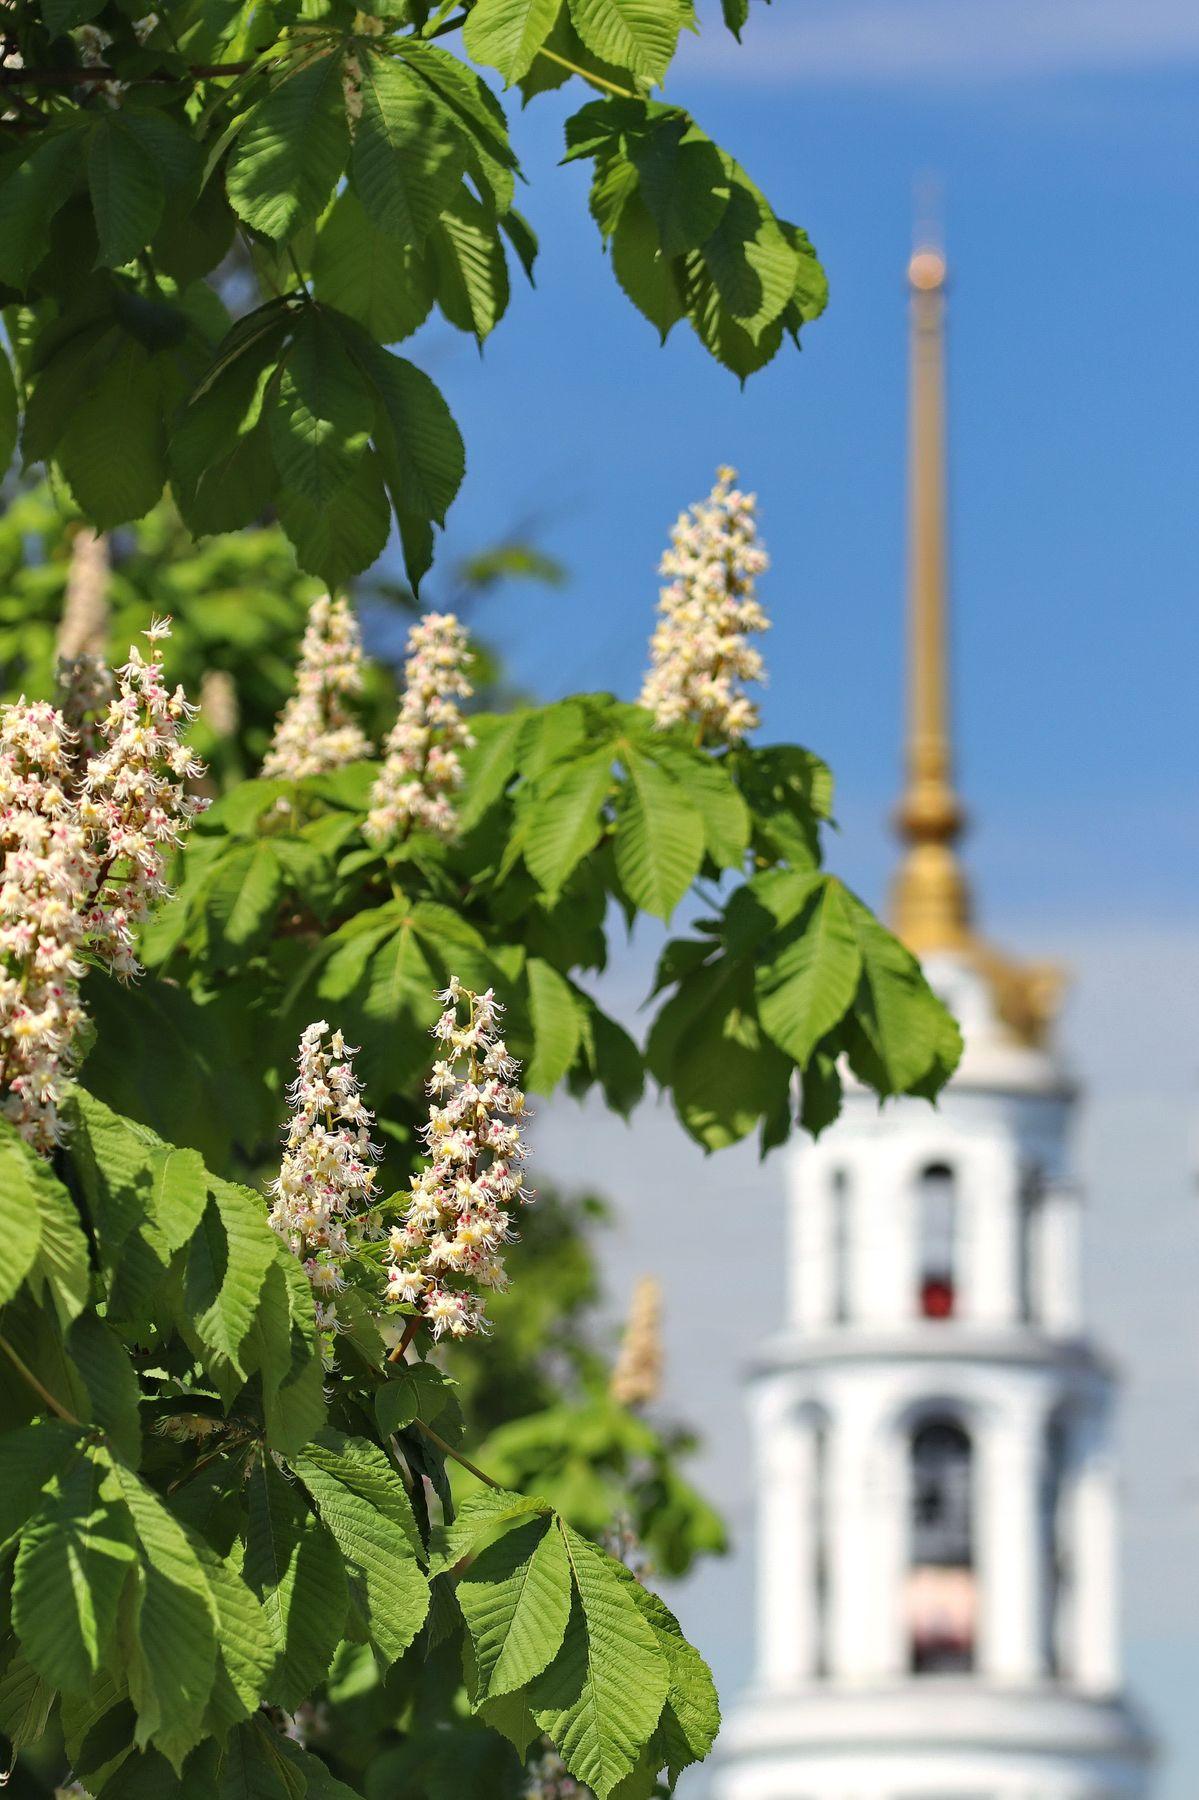 Каштаны зацвели. Шуя, Ивановская область. Шуя Ивановская область город каштан свечки цветы колокольня Воскресенского собора